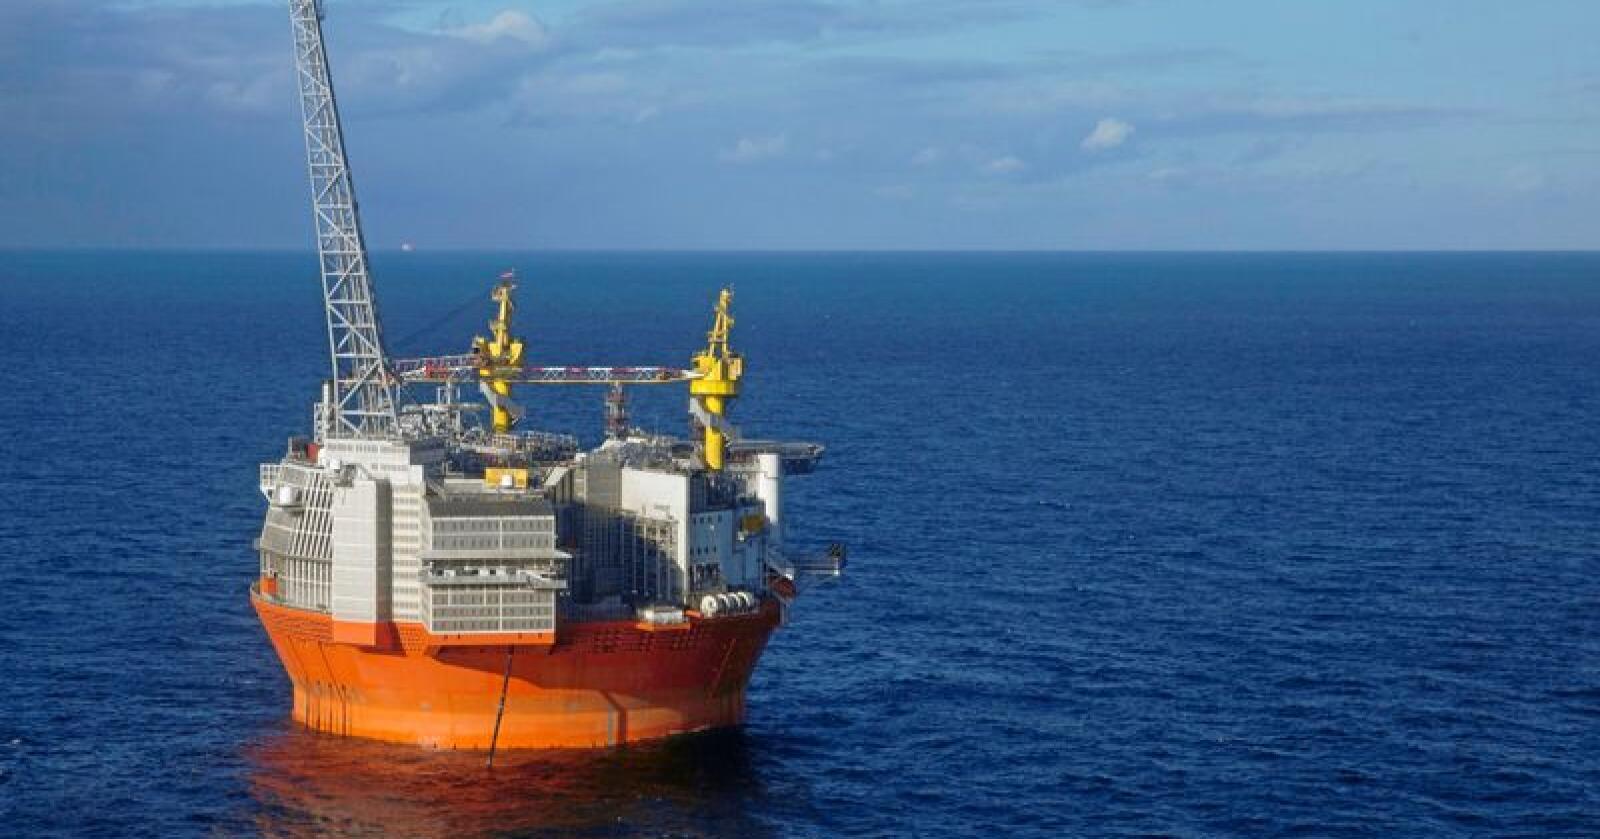 Goliat-plattformen i Barentshavet. Norsk olje i utlandet er fremdeles norsk olje. Den koker kloden, og det er det Norge som må ta ansvar for, skriver 14 år gamle Sivert Refsdal. Foto: Jan-Morten Bjørnbakk / NTB scanpix